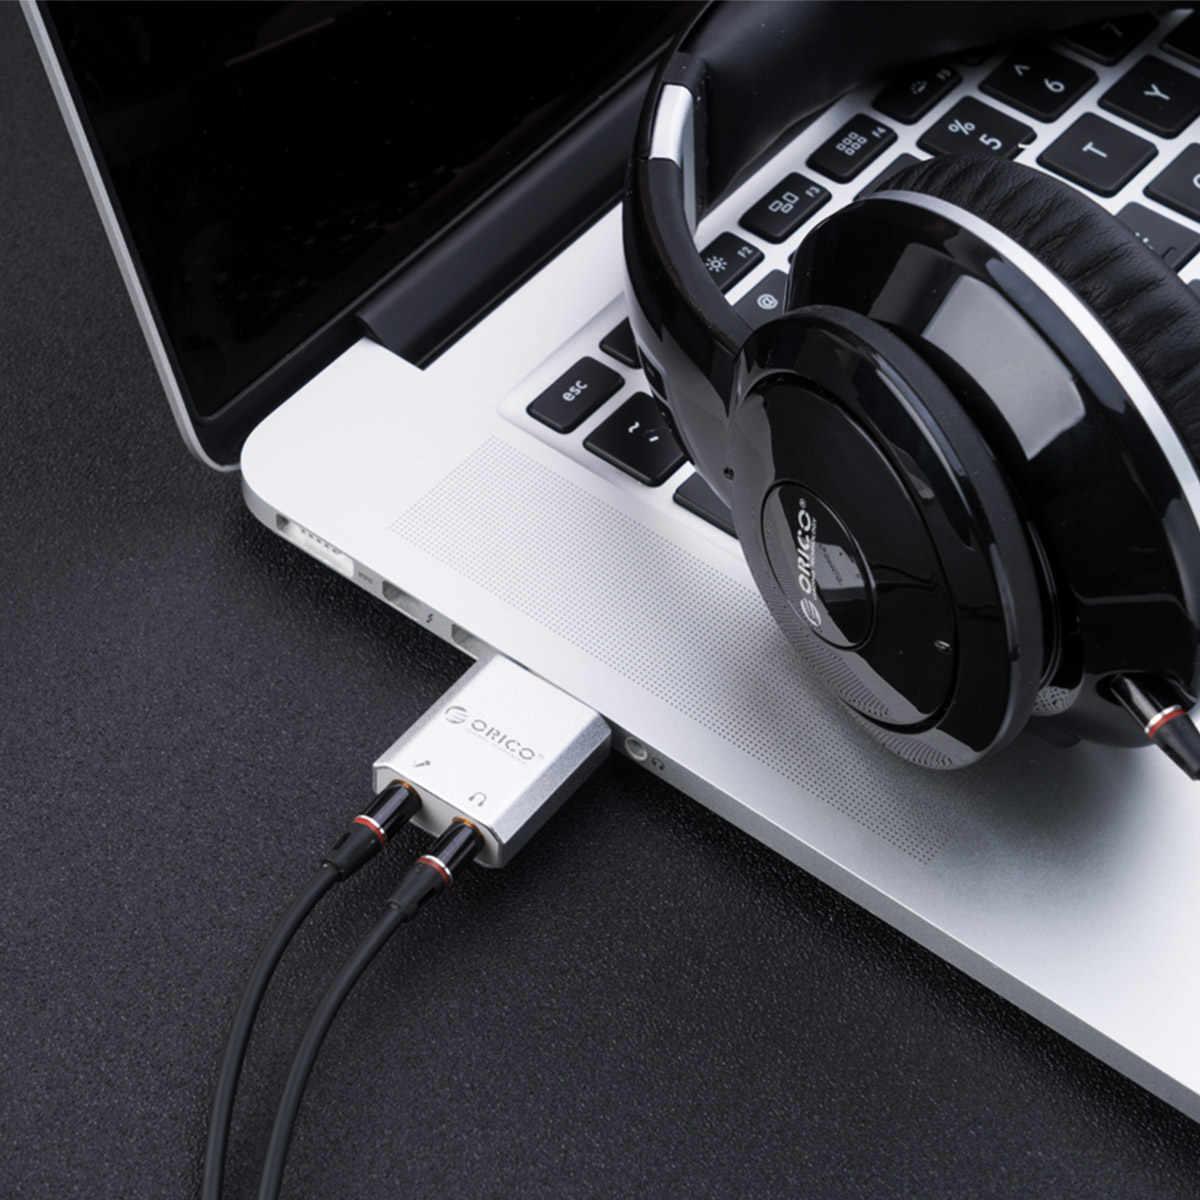 ORICO Внешний USB звуковая карта стерео микрофон динамики гарнитуры аудио Jack 3,5 мм кабель адаптер Mute переключатель регулировки громкости Бесплатная Drive